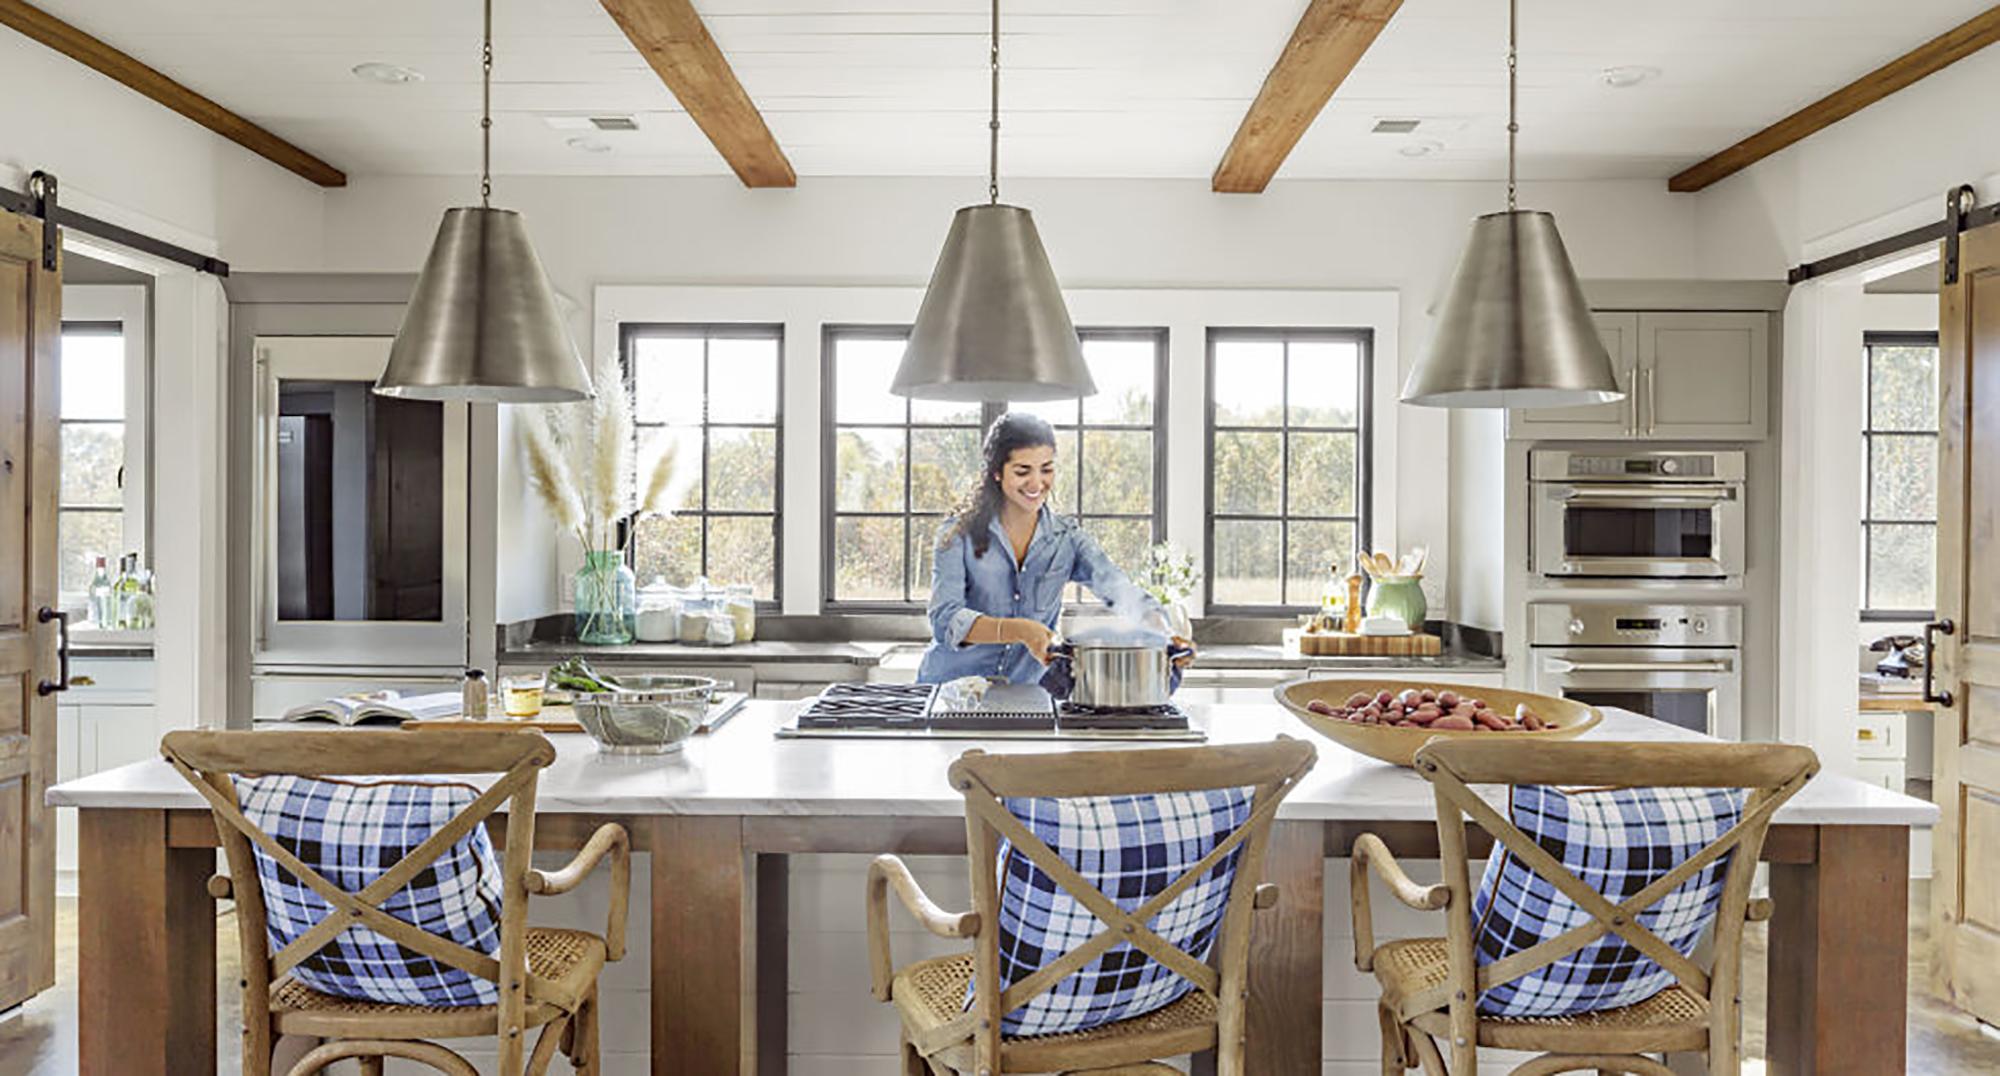 50 Best Kitchen Island Ideas  Stylish Designs for